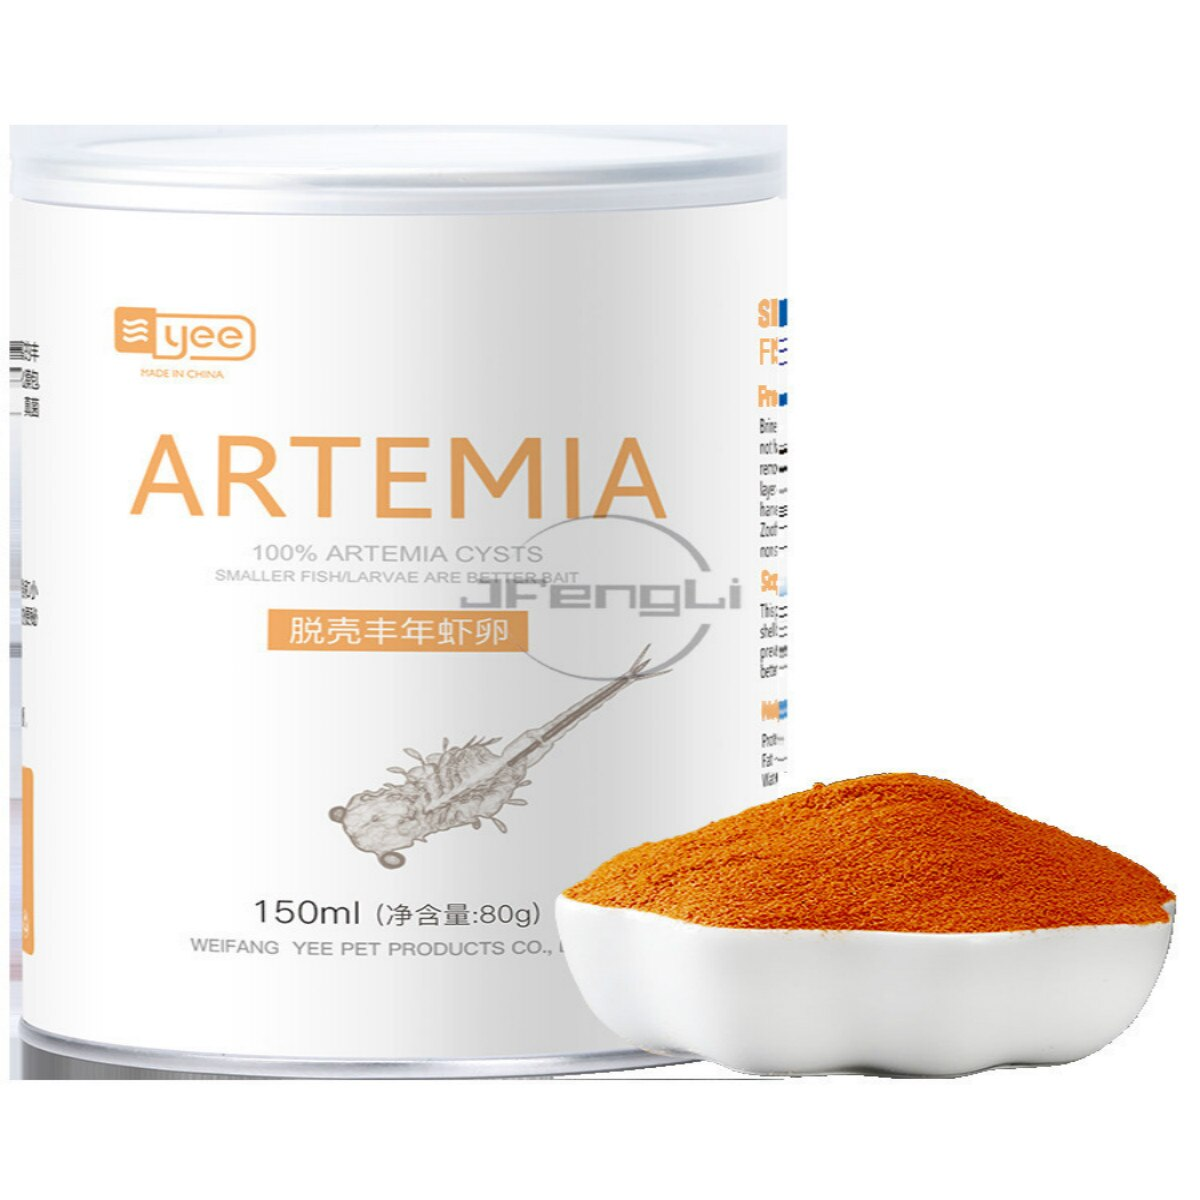 Yee artemia cistos ovos de camarão fértil descascar larvas hatch peixe jovem pequeno guppy alimentação marinha alimentos brilhantes proteínas ricas vermelhas